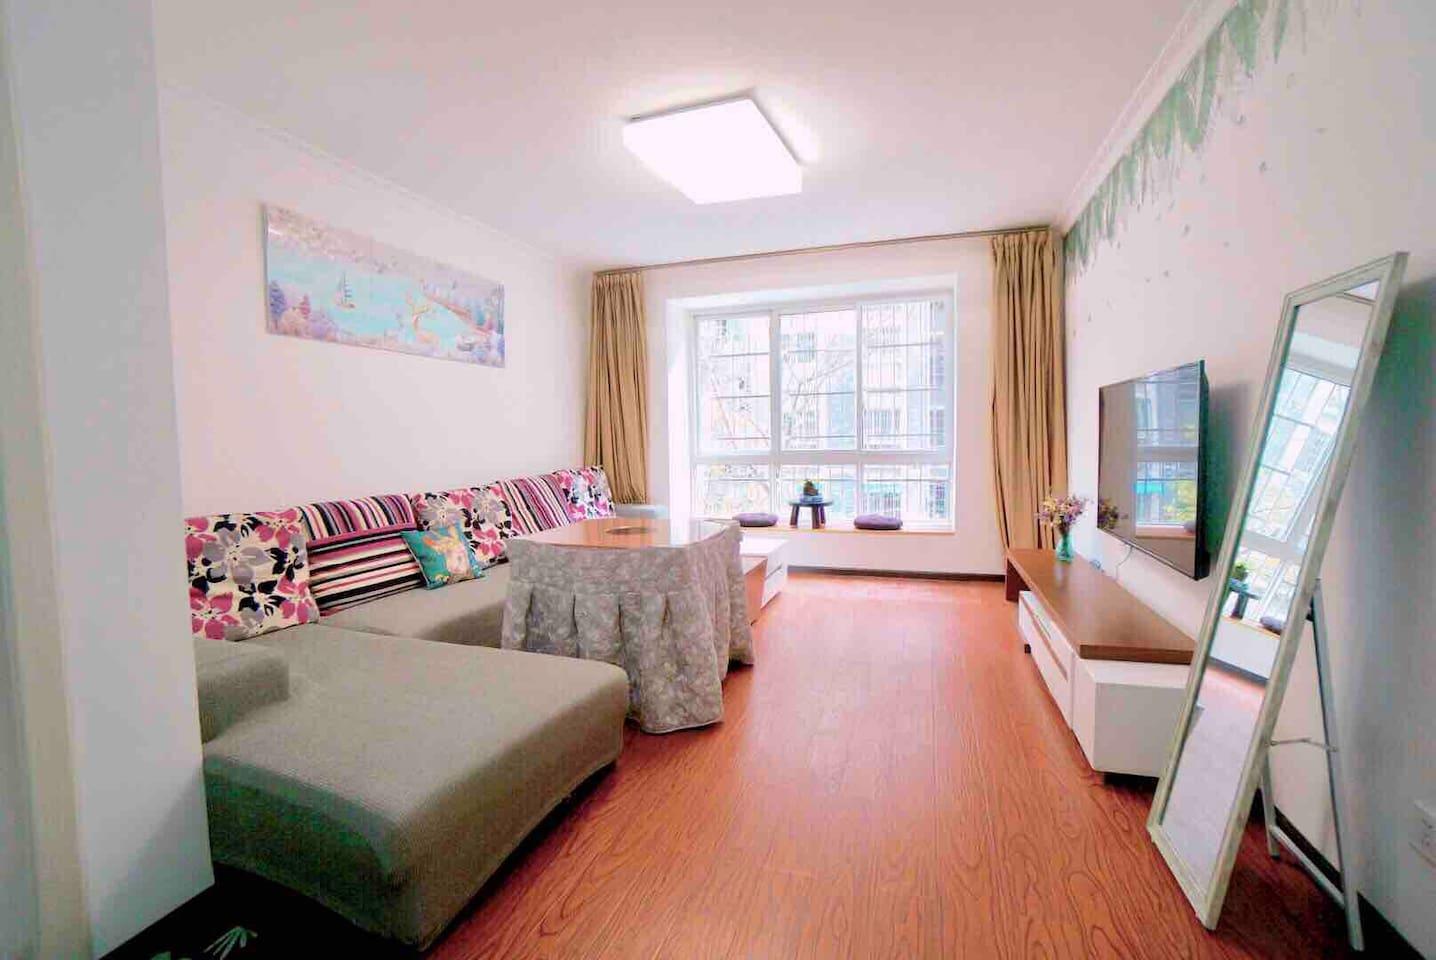 宽敞的大客厅配备宽大的沙发和55寸小米大彩电,冬天还配有一张取暖桌